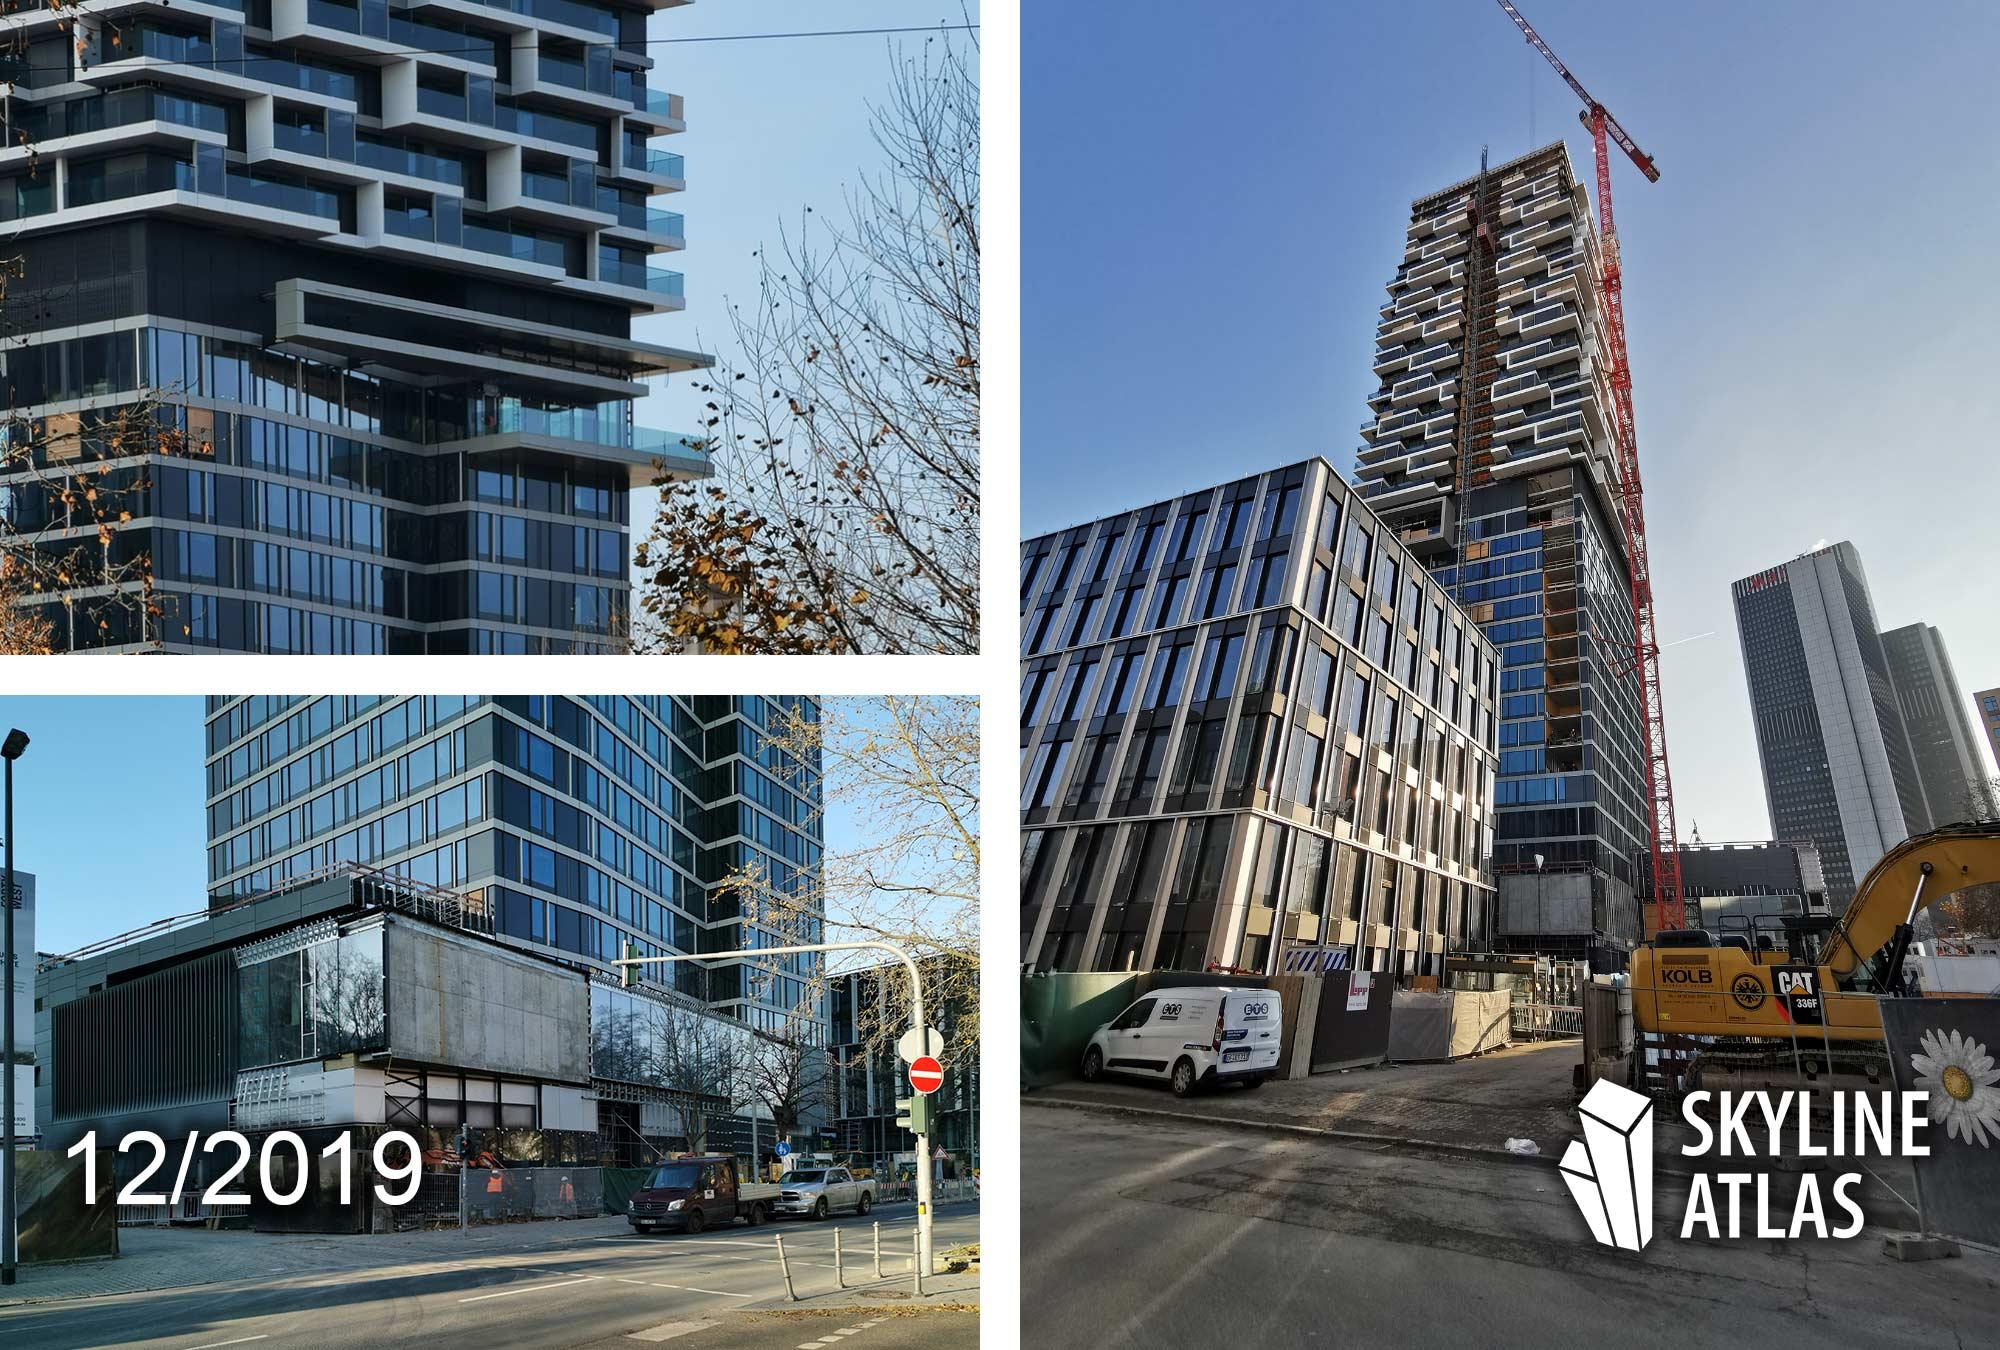 One Forty West - 140W Frankfurt - 140 West - Baufortschritt - Hochhaus Baustelle - Bauarbeiten Dezember 2019 - Hochhausbaustelle